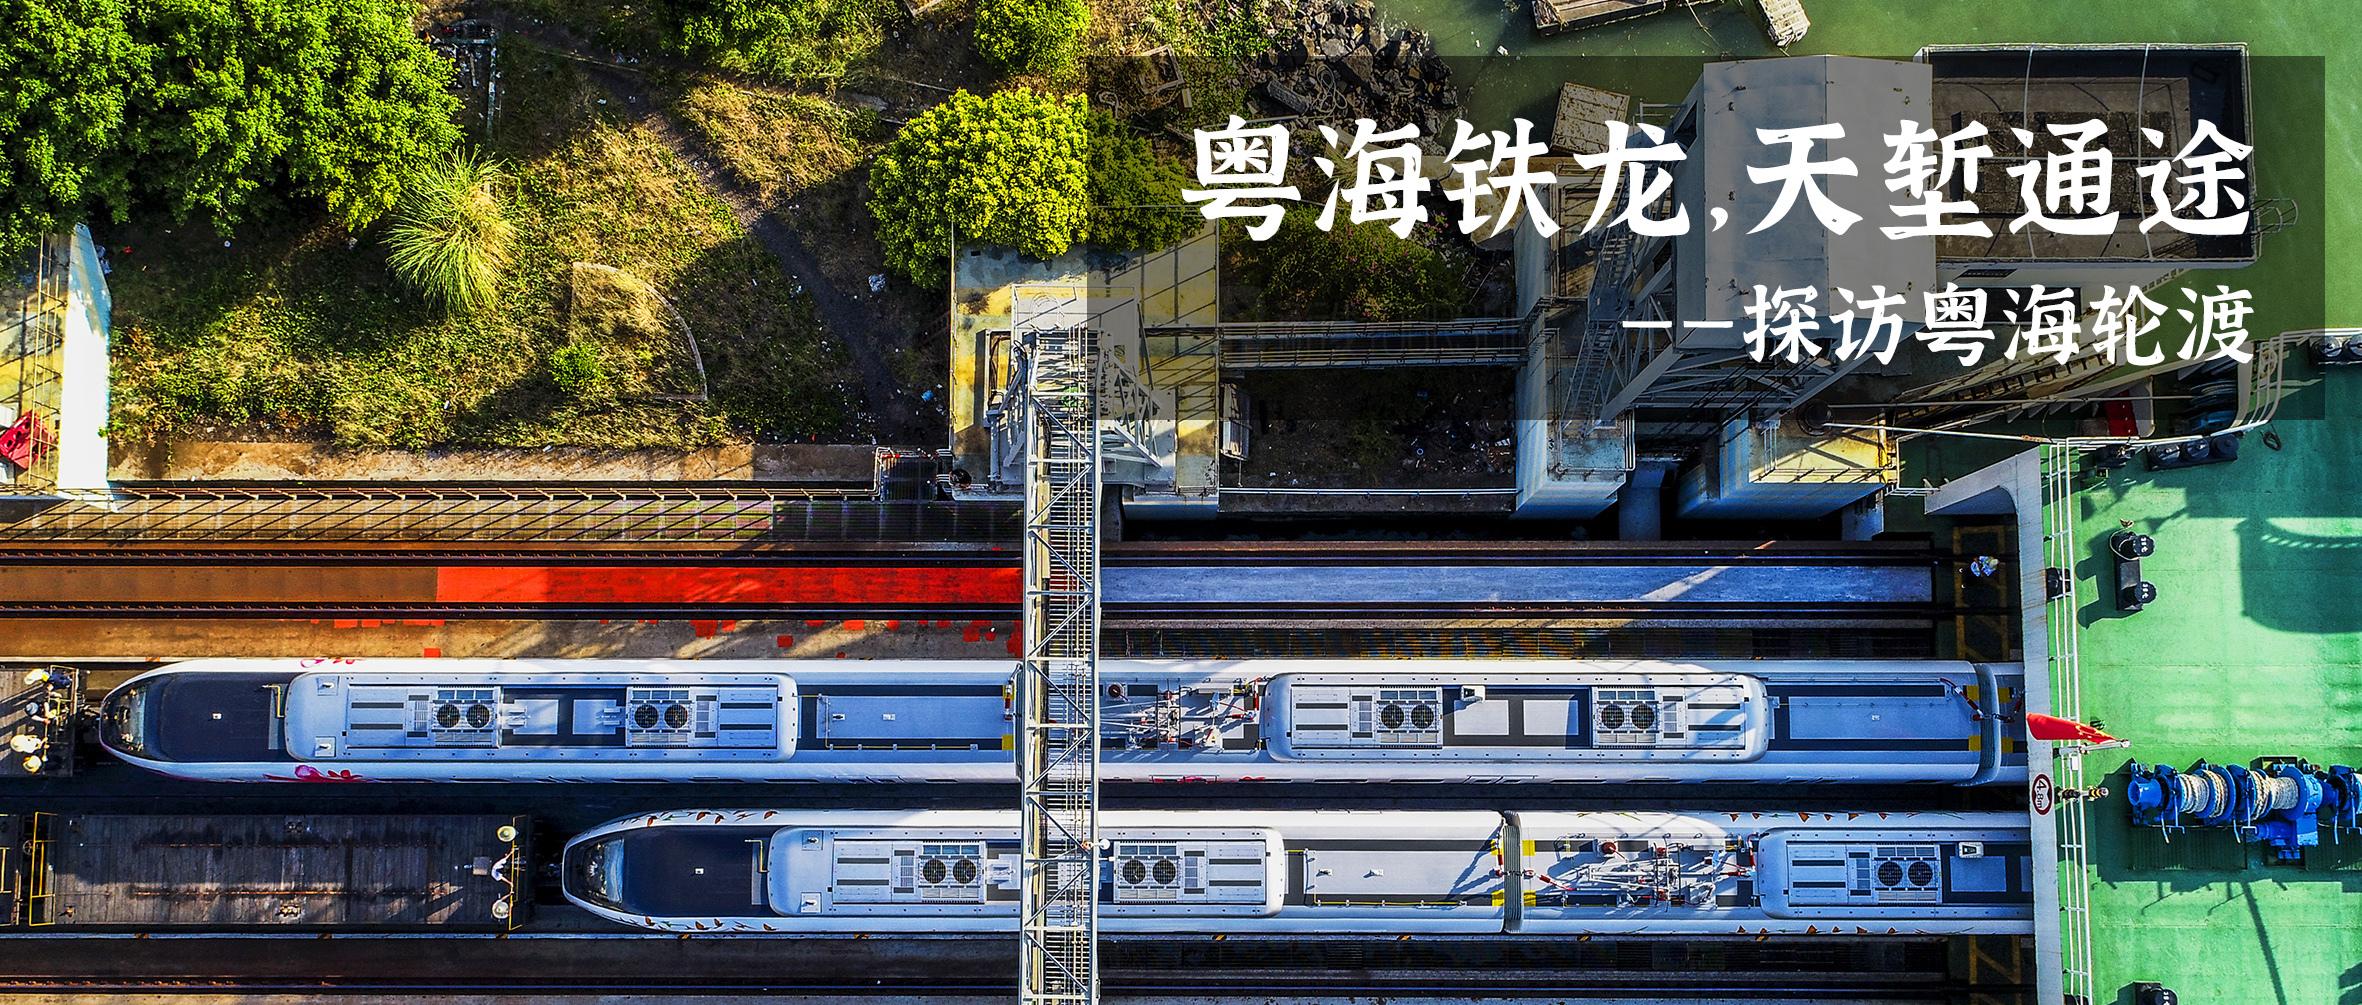 粤海铁龙,天堑通途——探访粤海轮渡